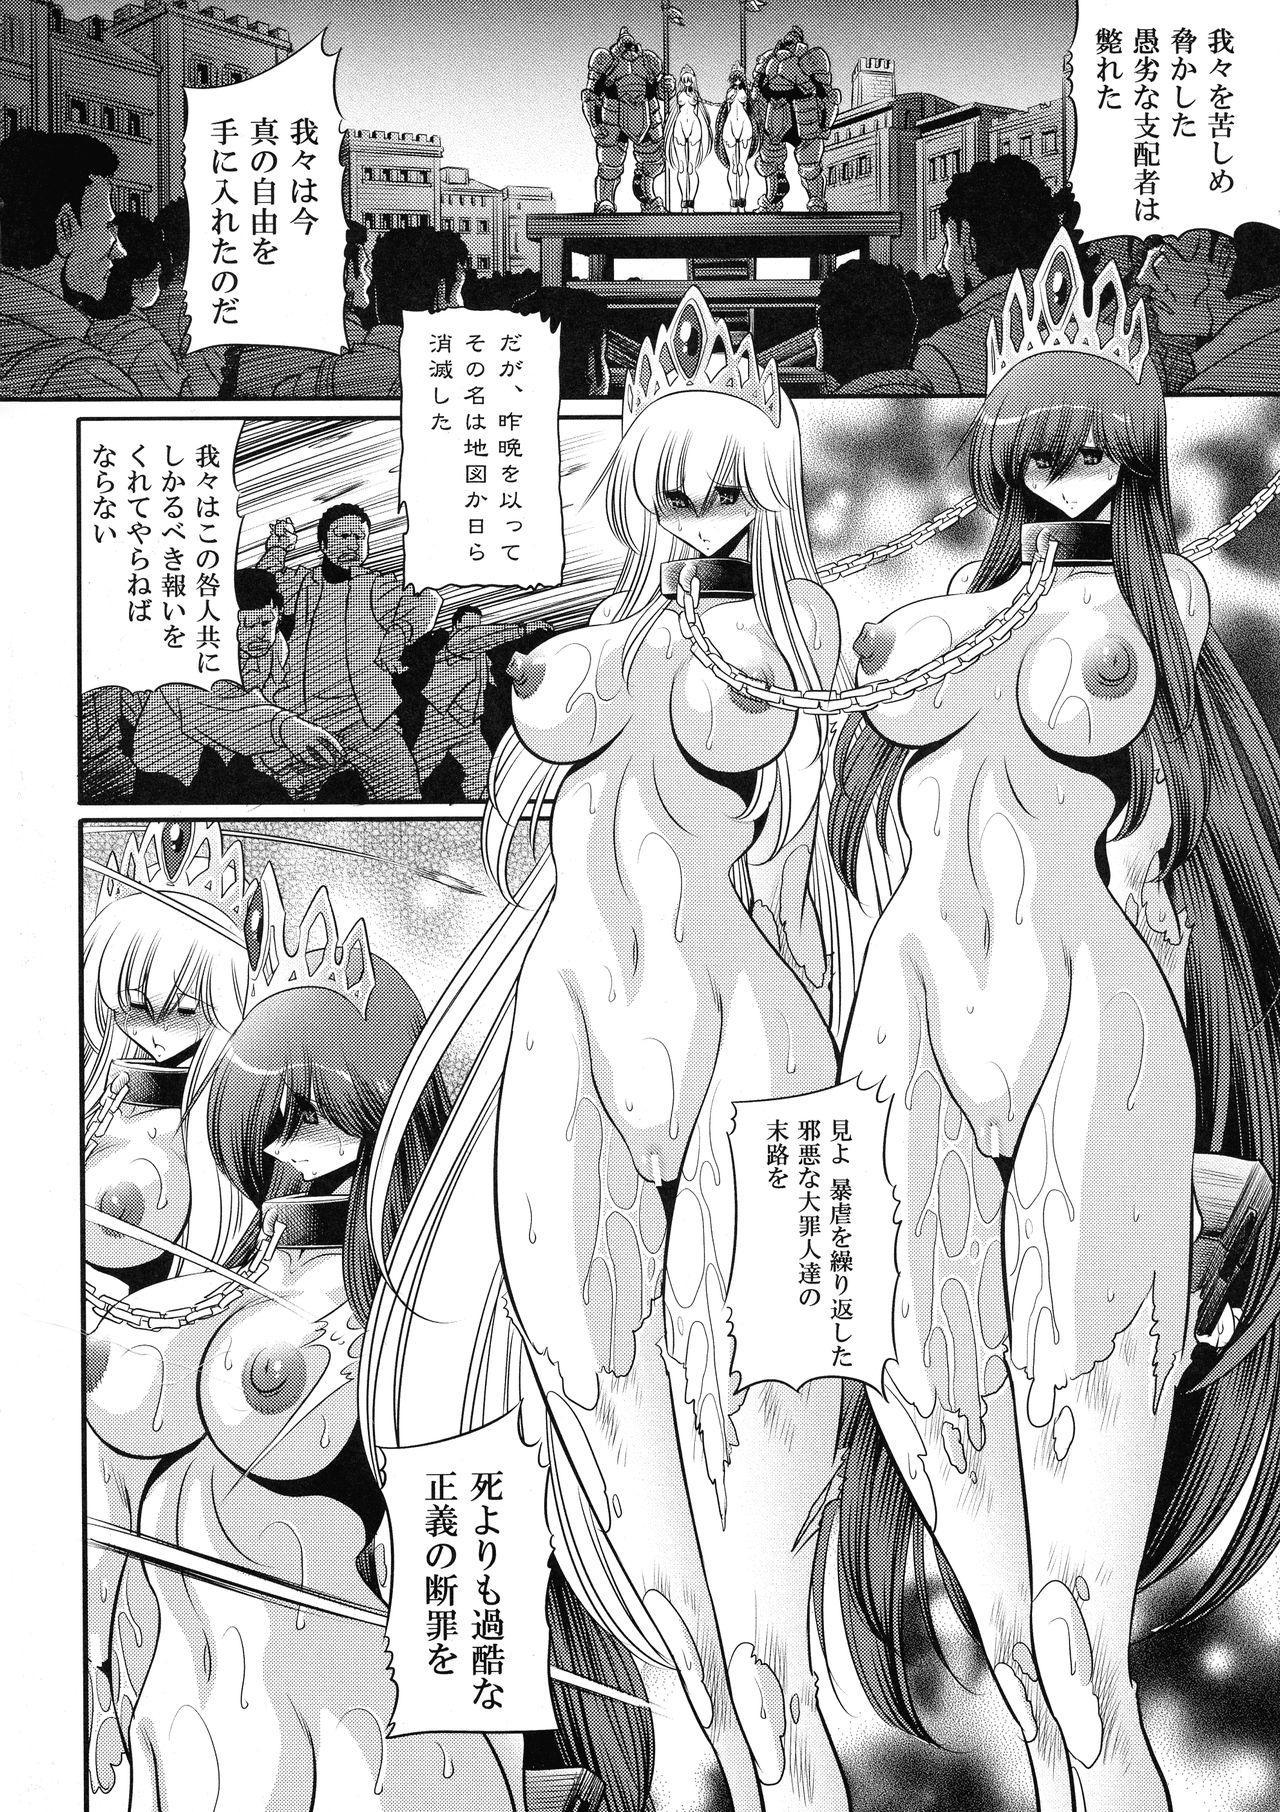 Ochibure Hime Joukan 55